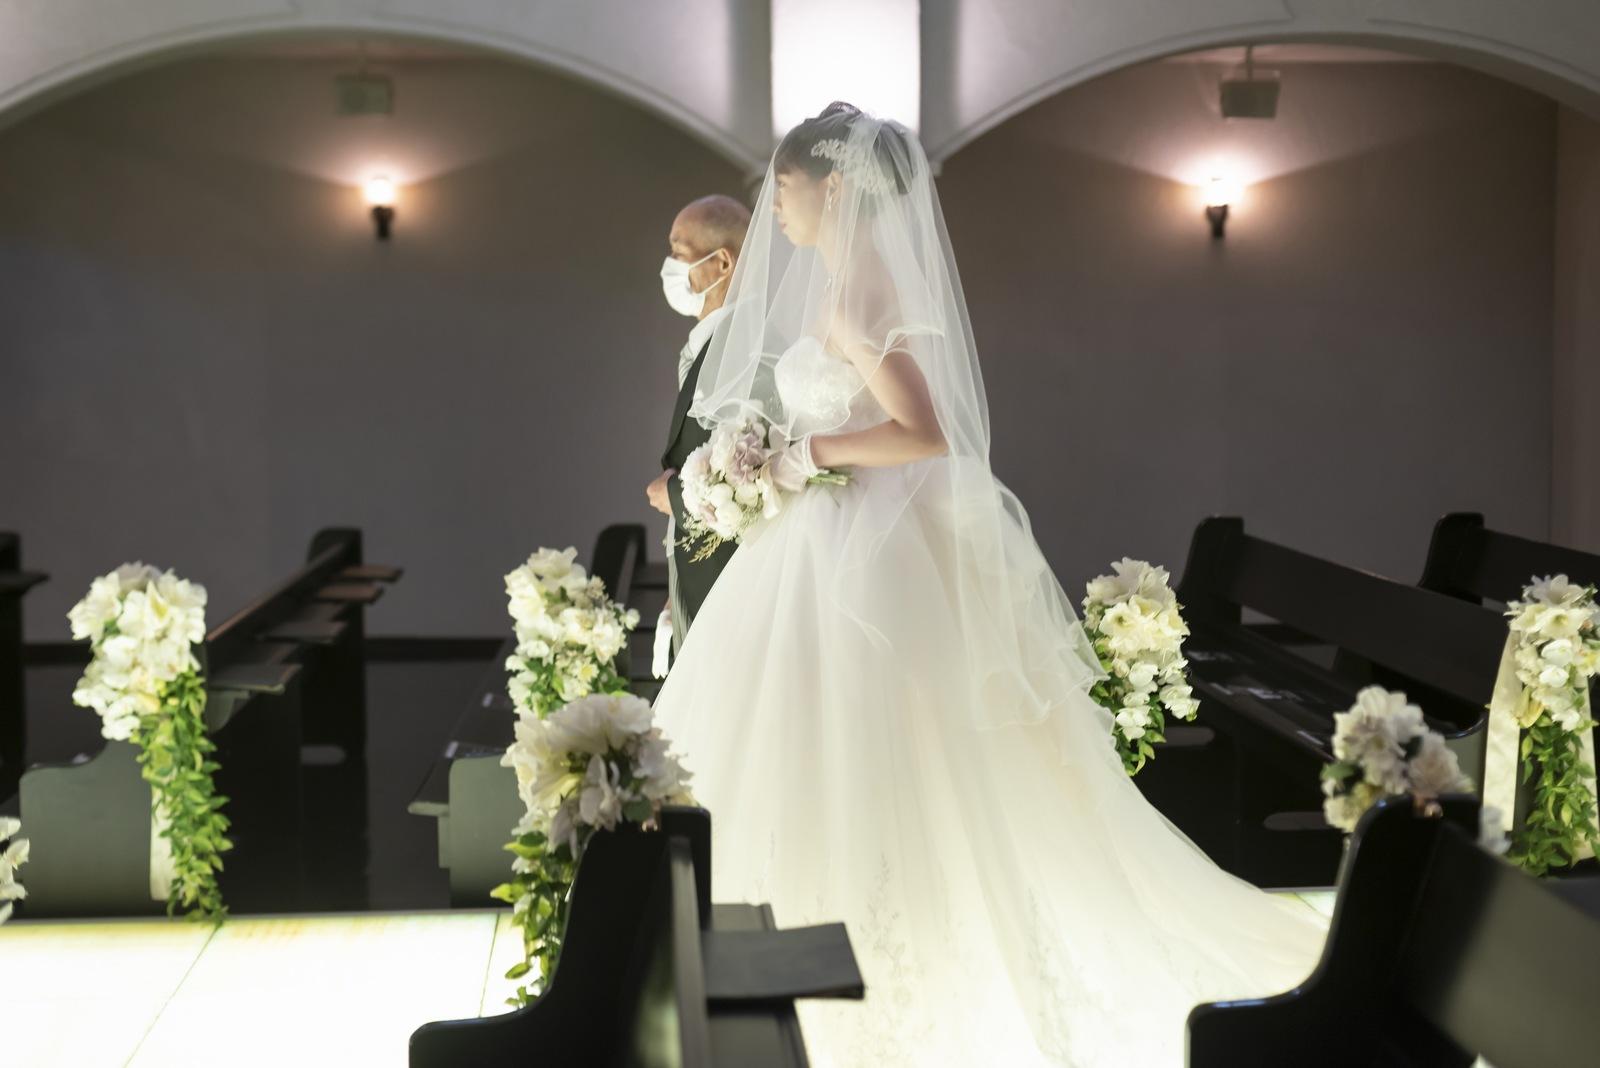 香川県の結婚式場シェルエメール&アイスタイルのバージンロード入場